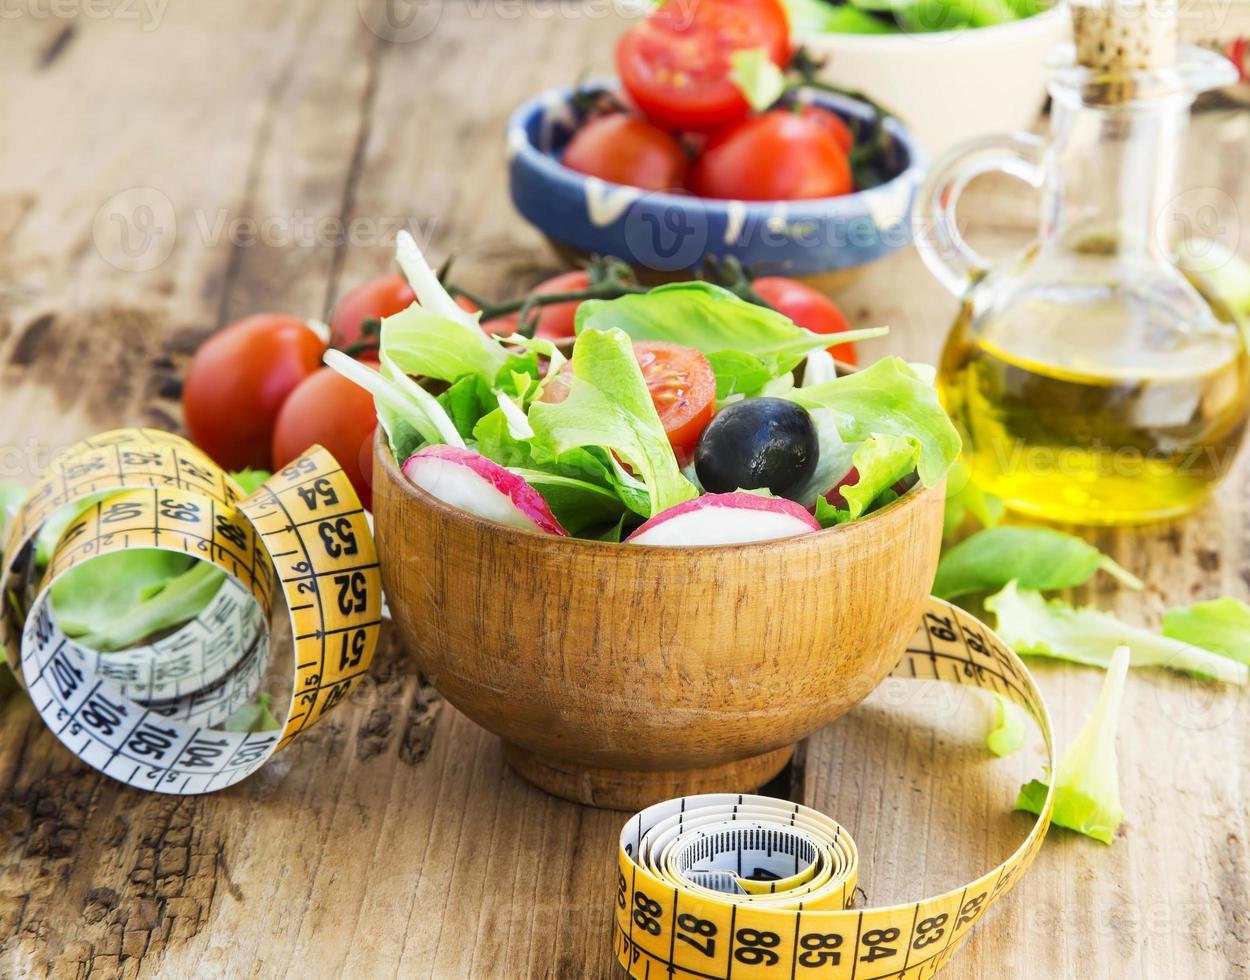 Ensalada de verduras saludables con cinta métrica concepto de dieta. foto